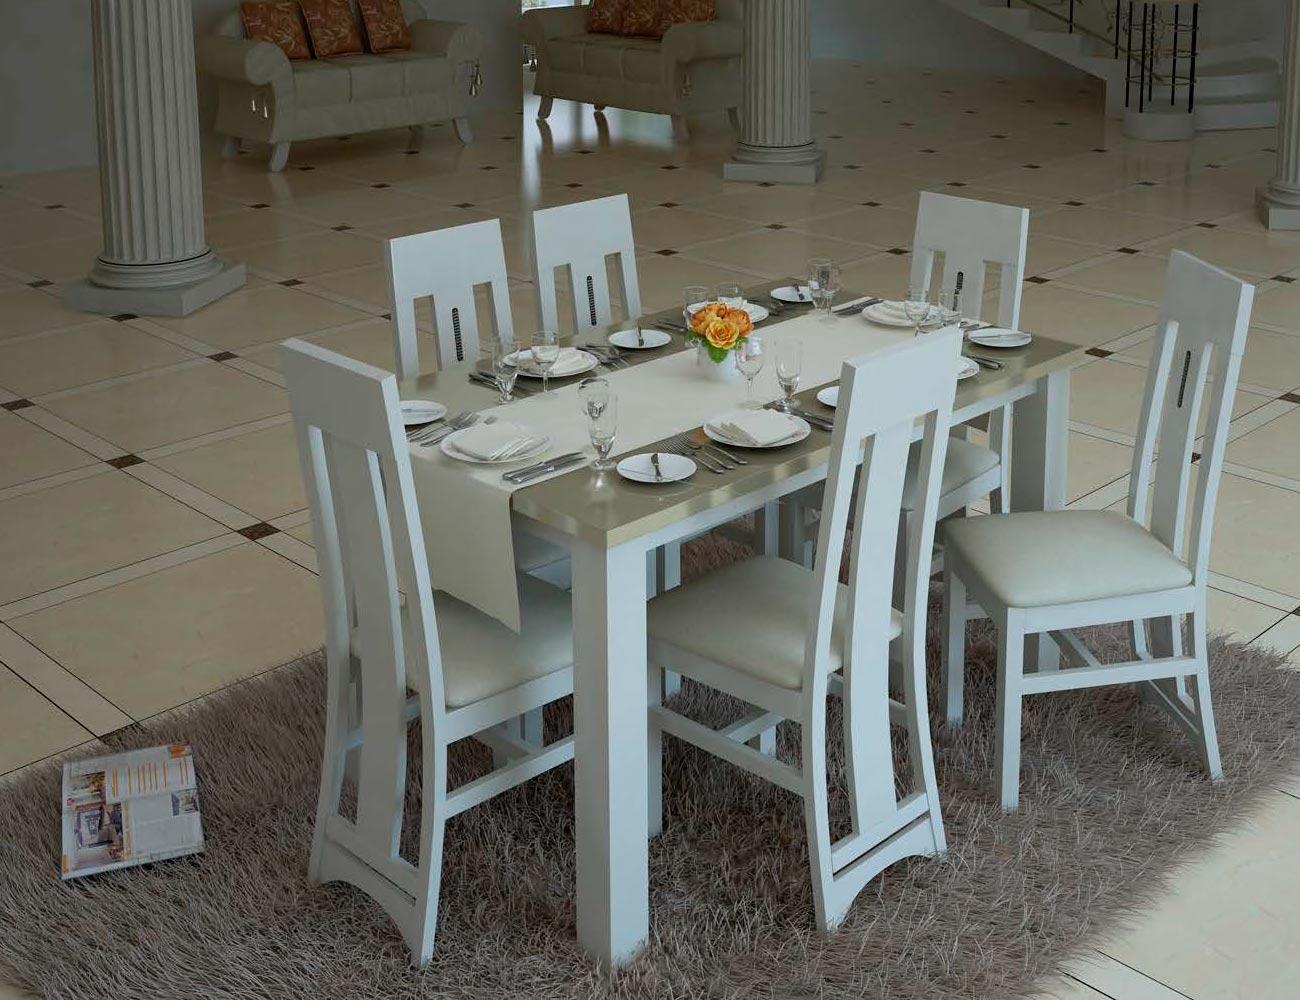 Mesa sillas neoclasico color 504 t603